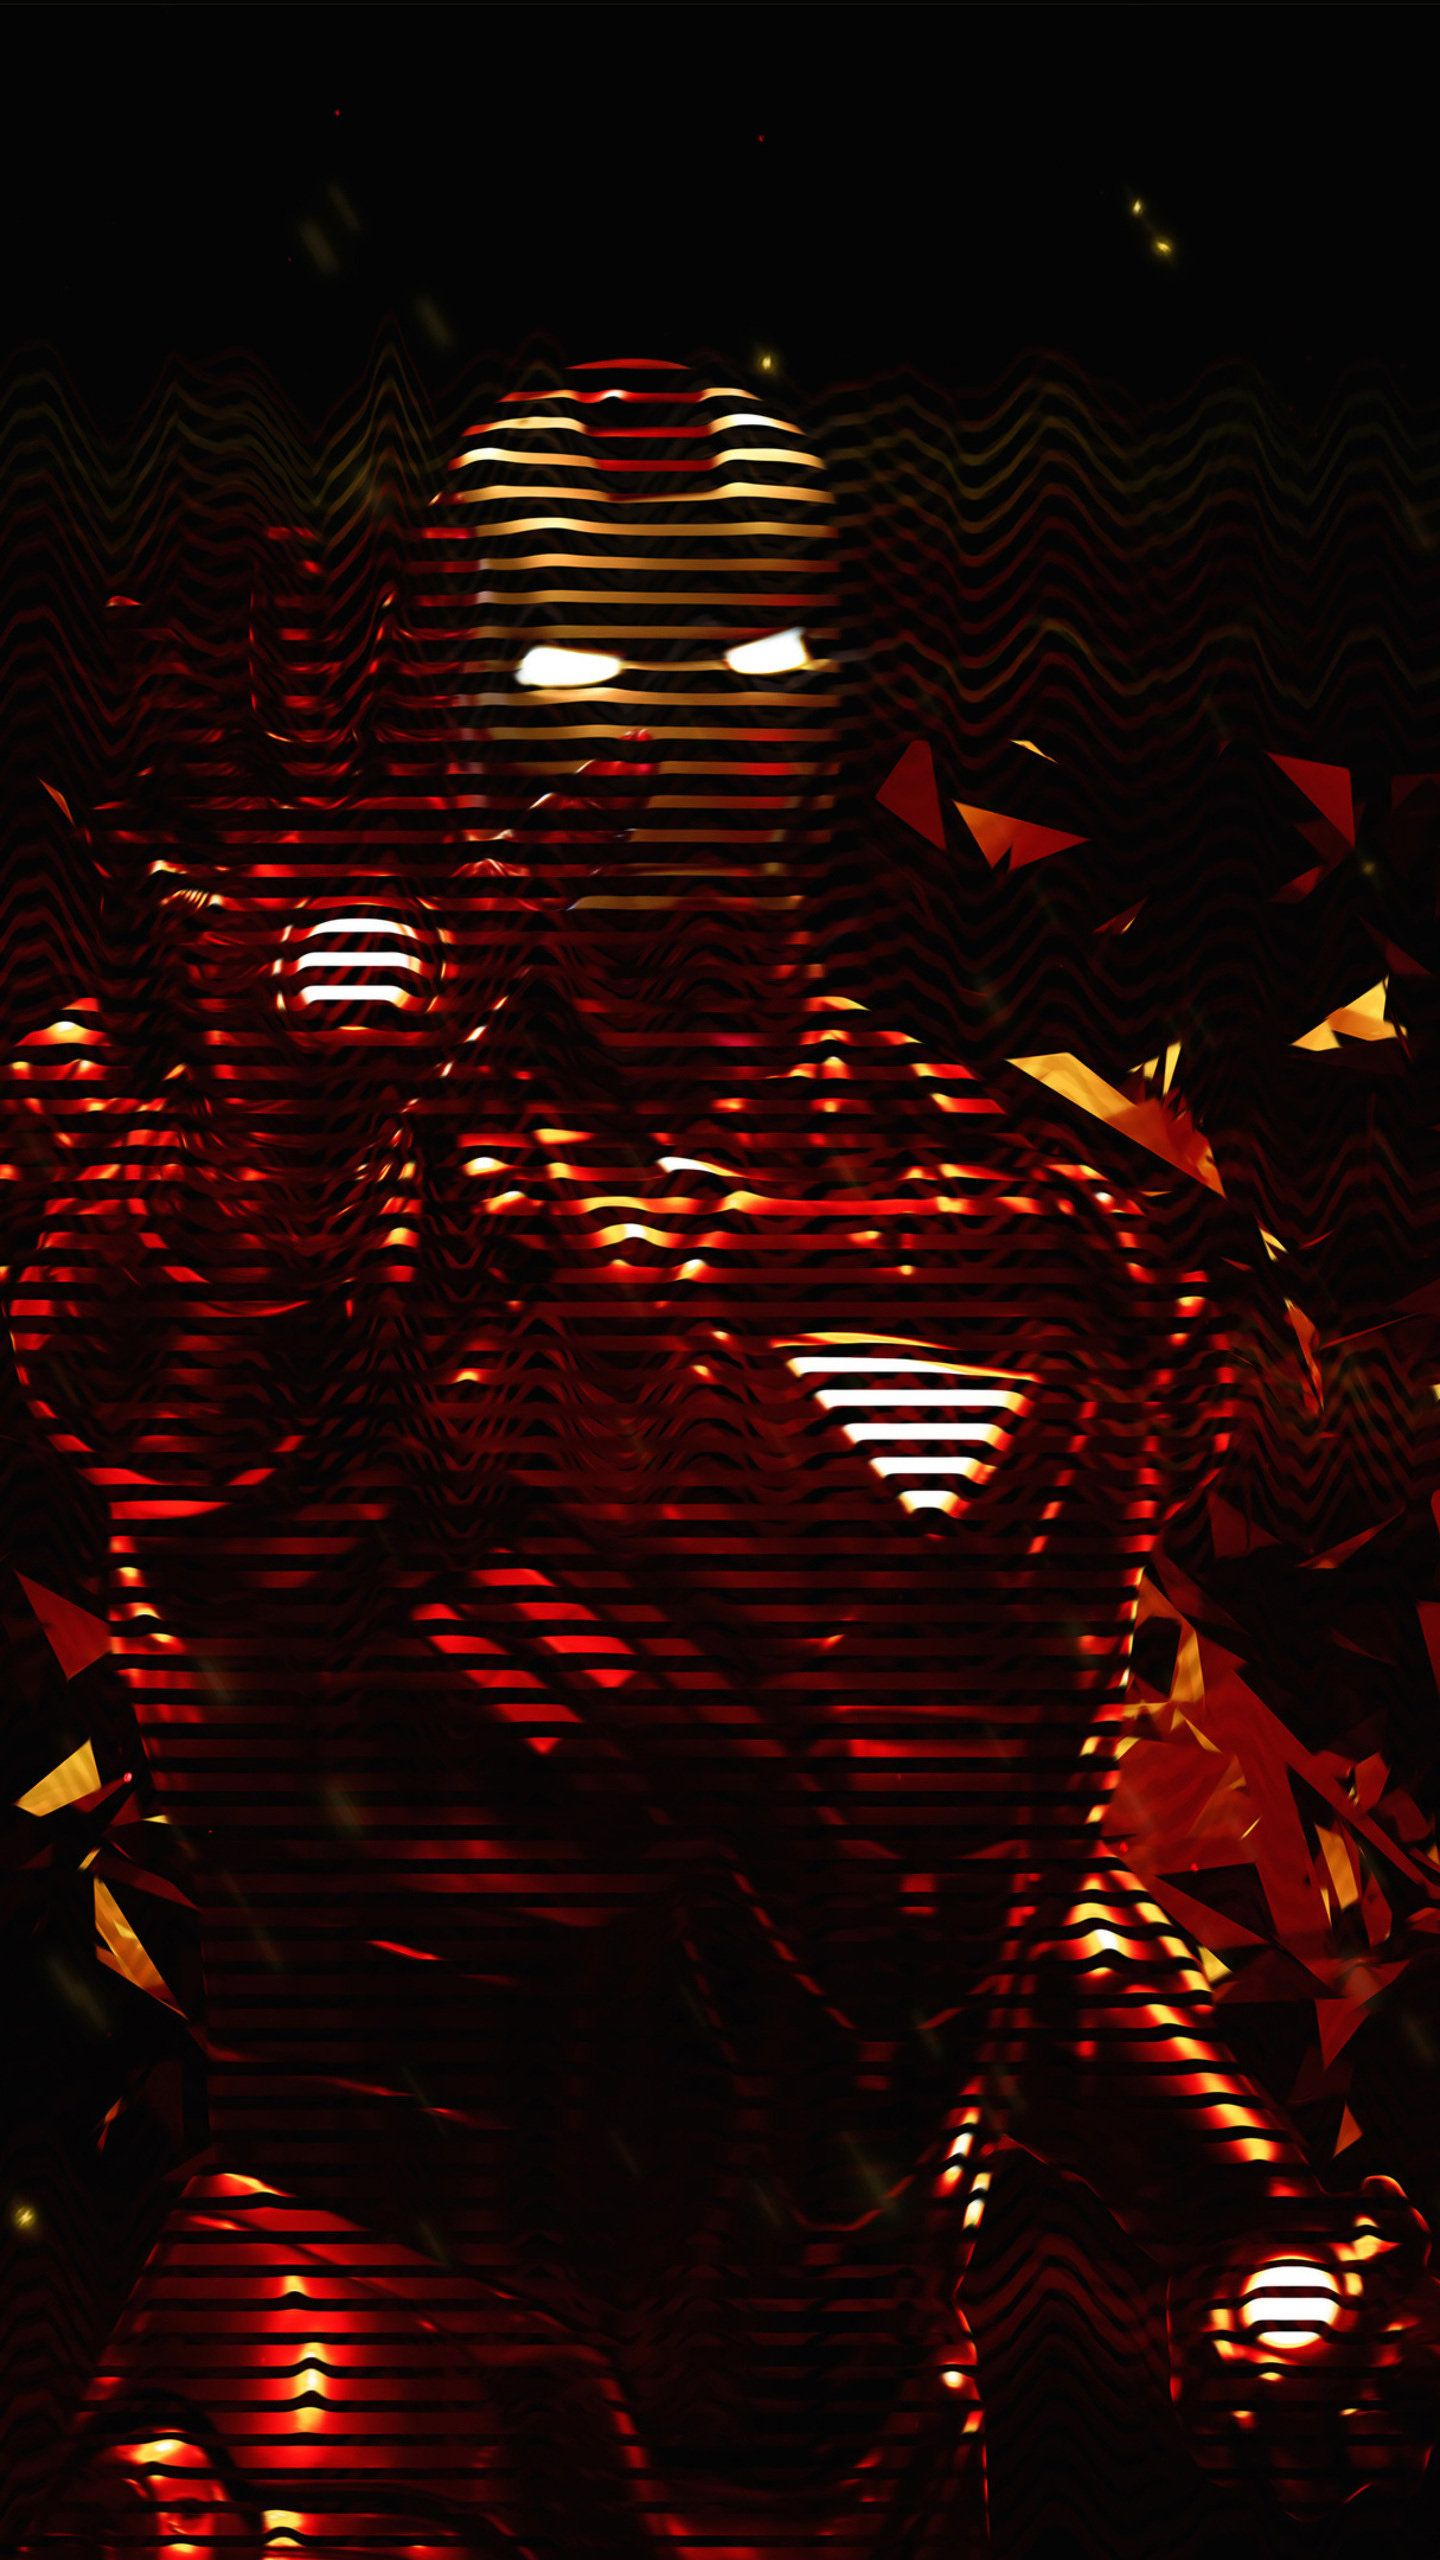 Iron Man 4k Minimalism Hd Wallpaper Di 2020